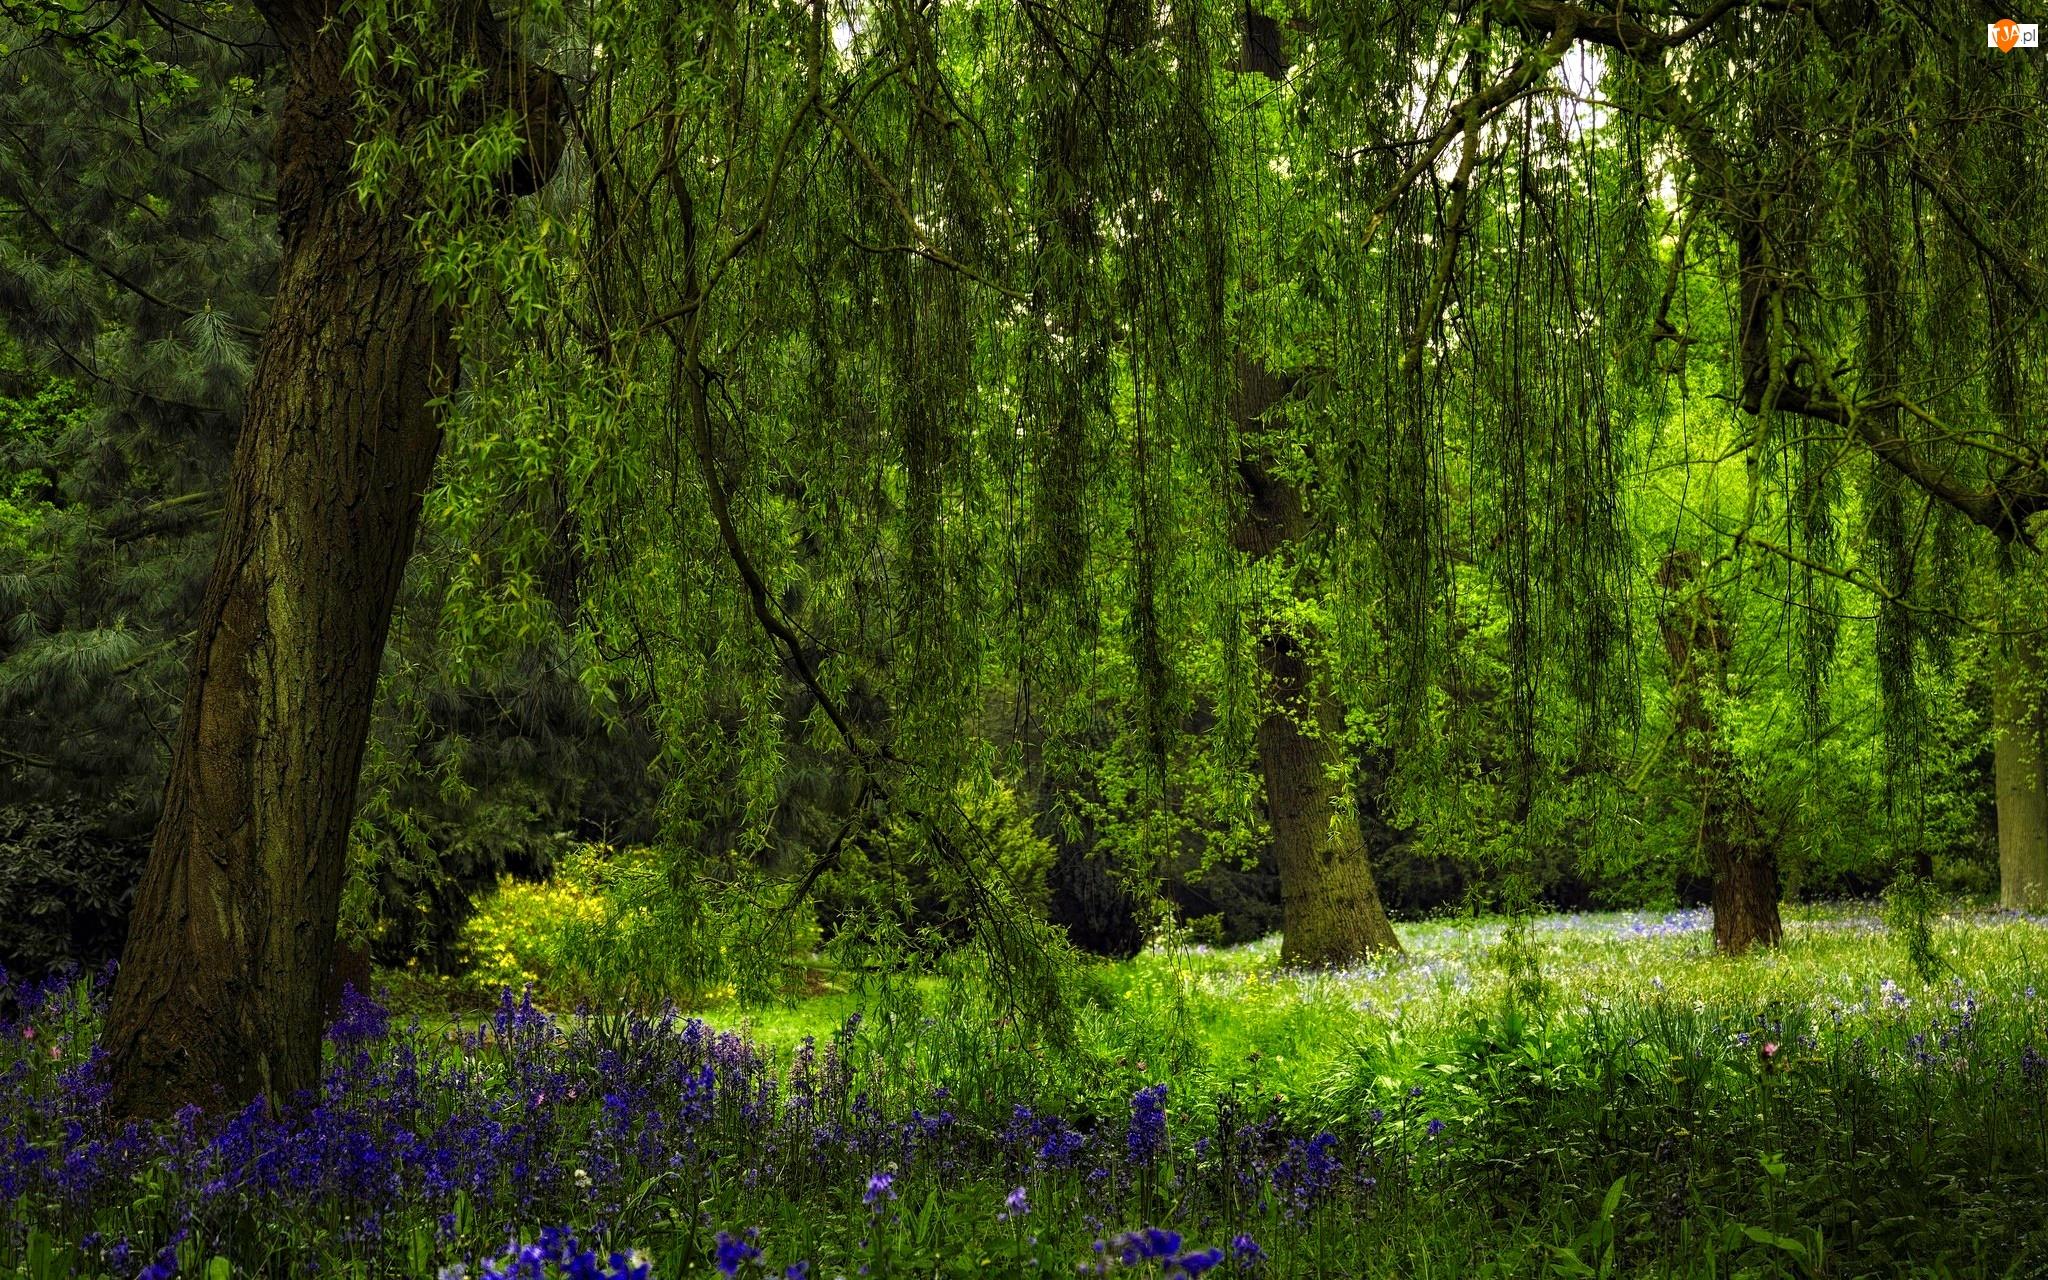 Kwiaty, Las, Gałęzie, Drzewo, Polana